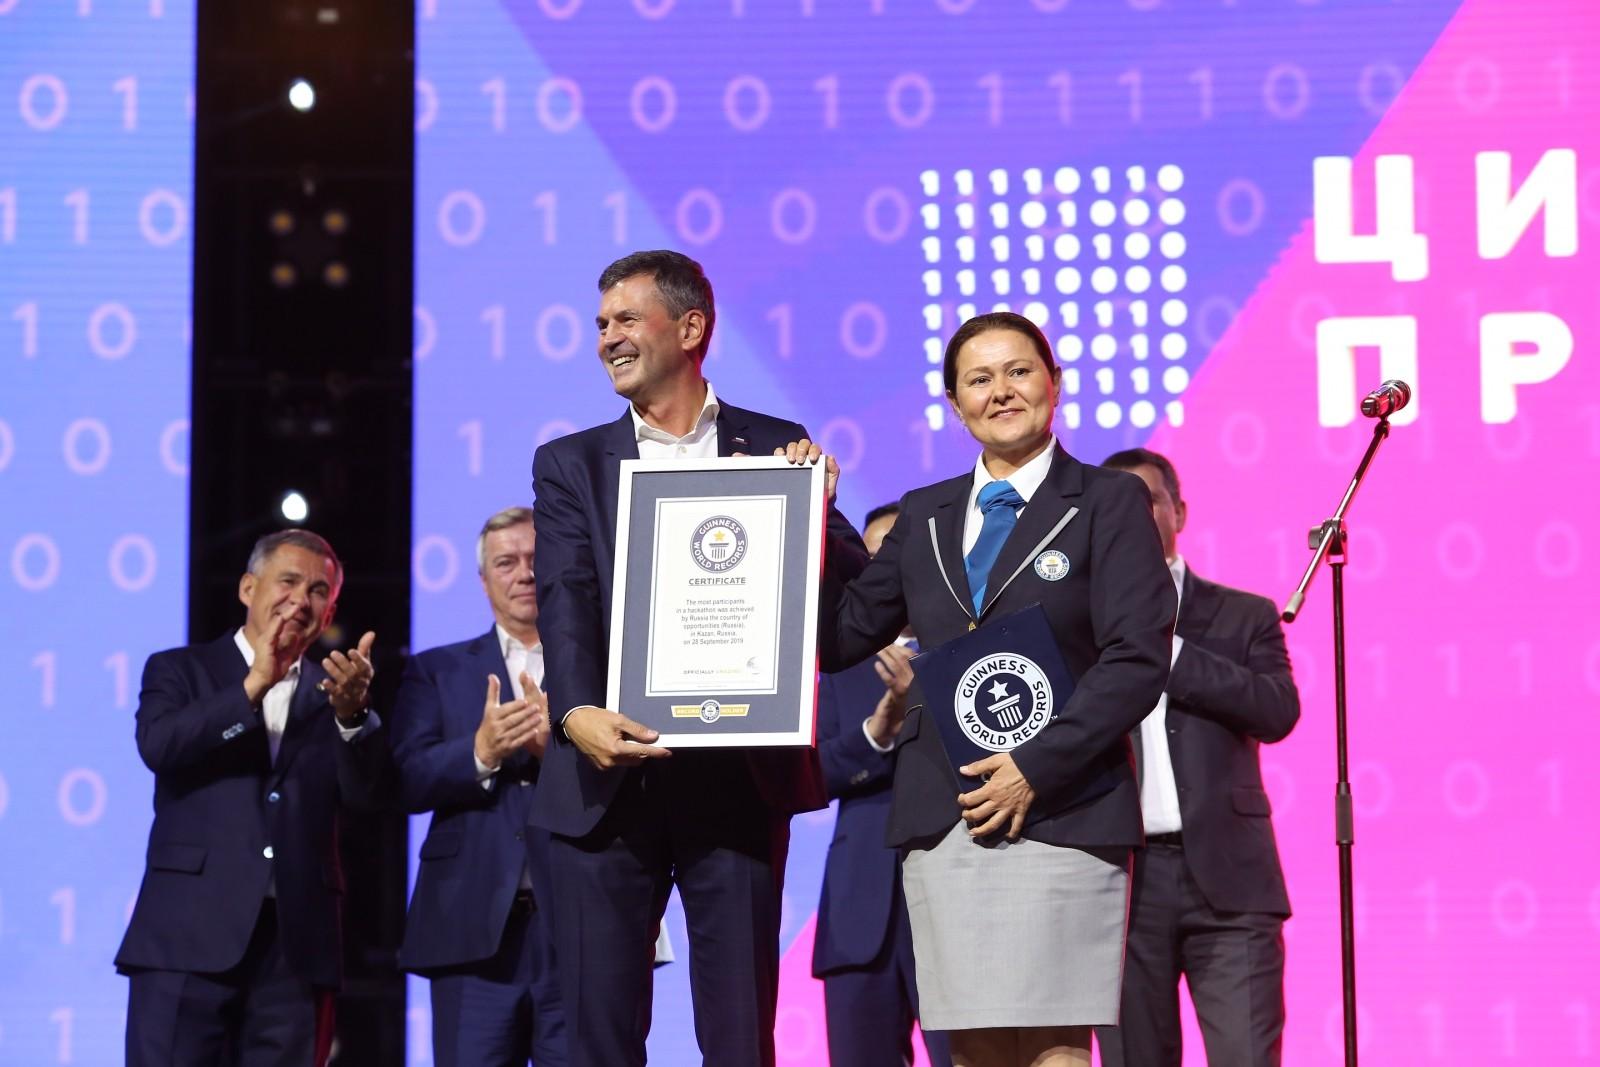 Финал конкурса «Цифровой прорыв» попал в книгу рекордов Гиннесса